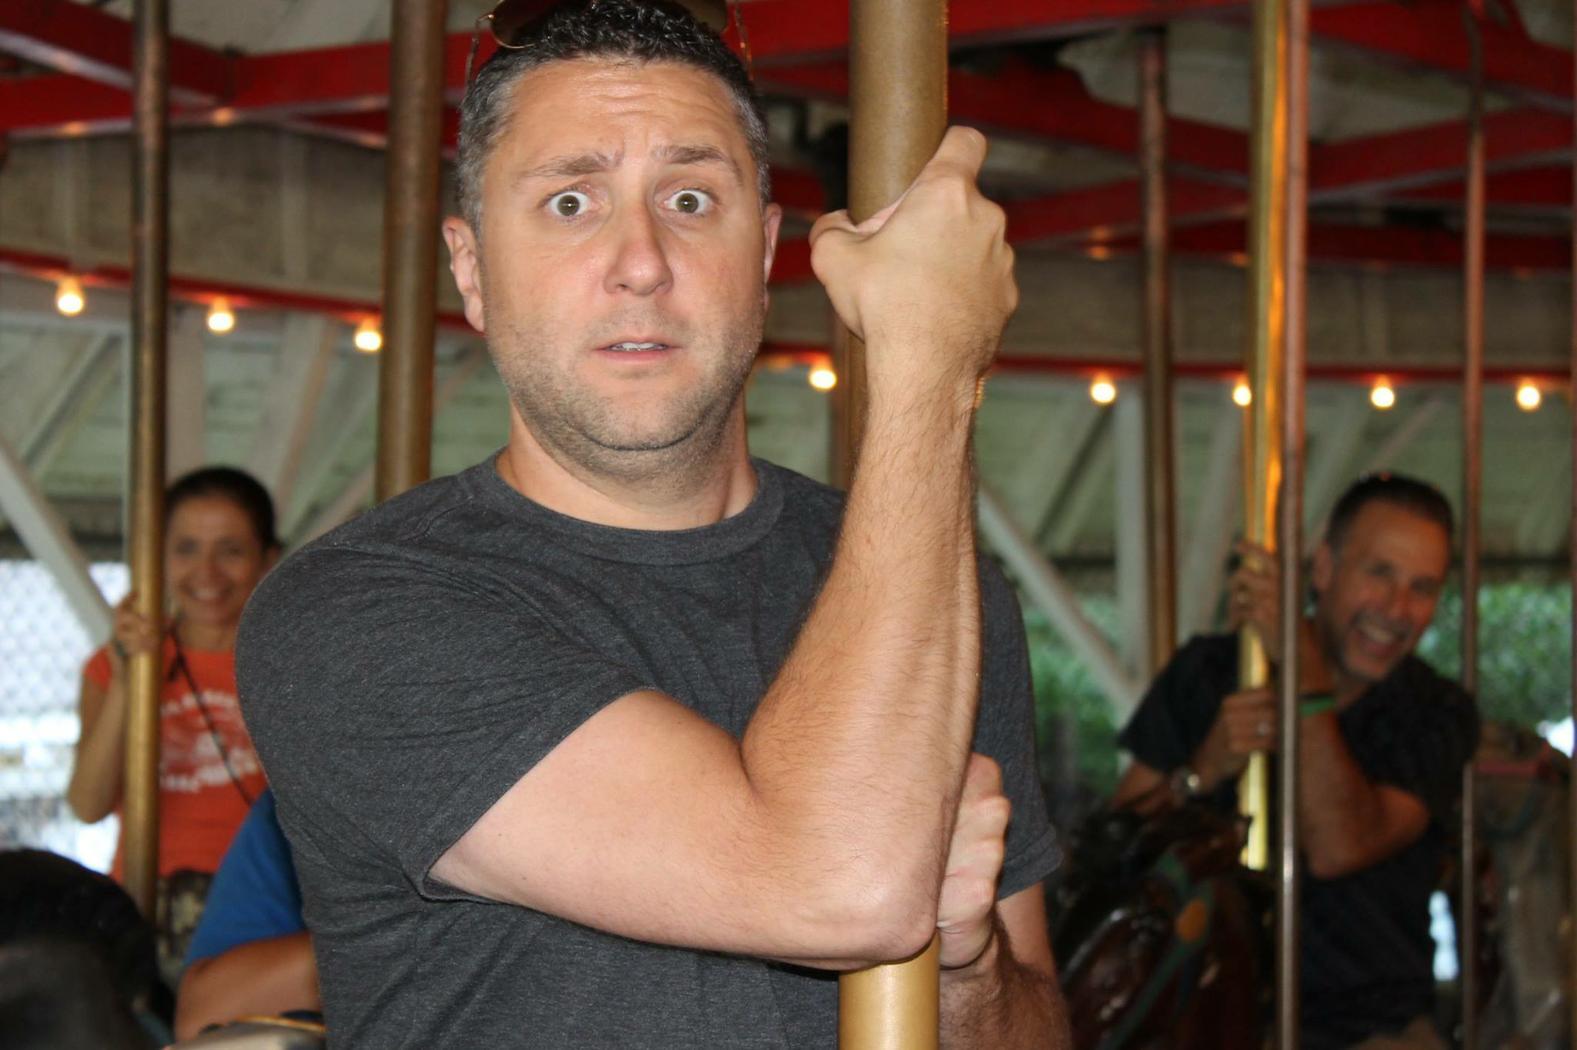 Tony Liberati